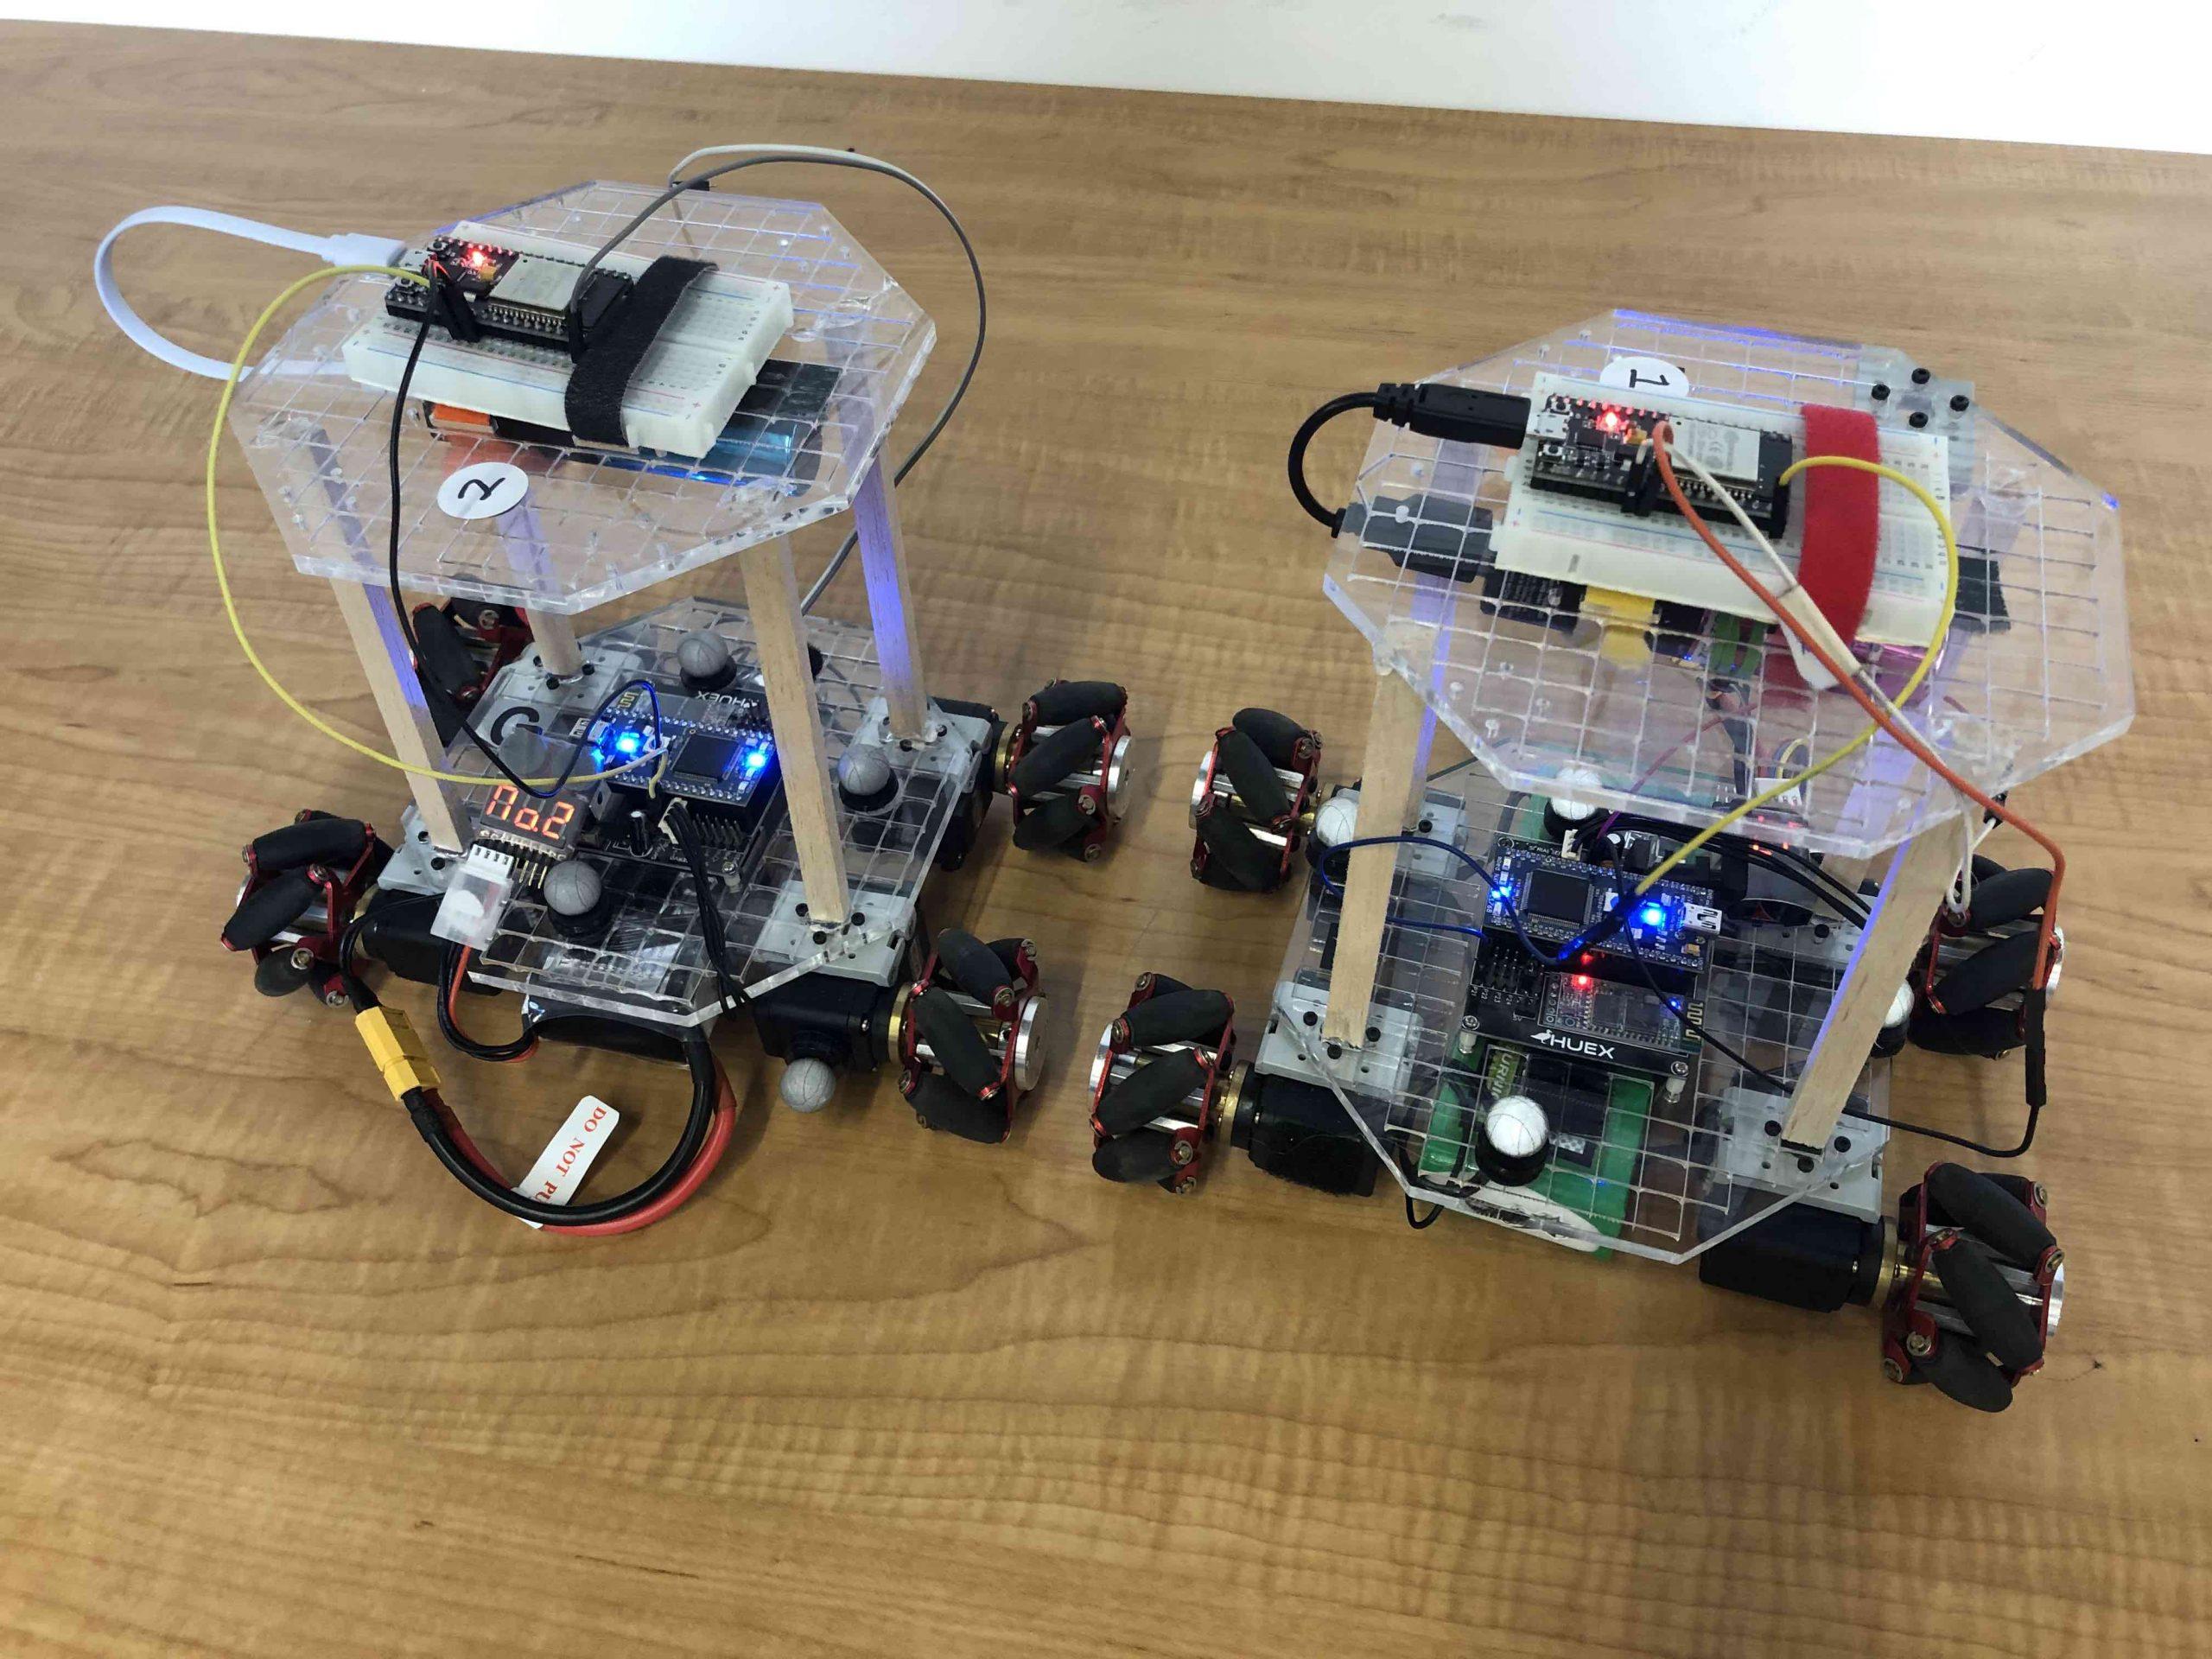 IBERO desarrolla tecnología robótica para restablecer telecomunicaciones luego de desastres naturales